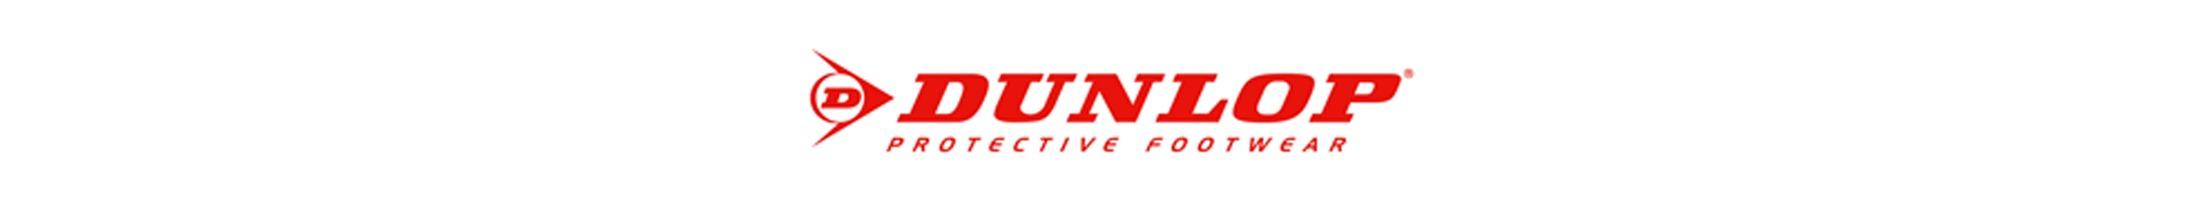 Dunlop slider2